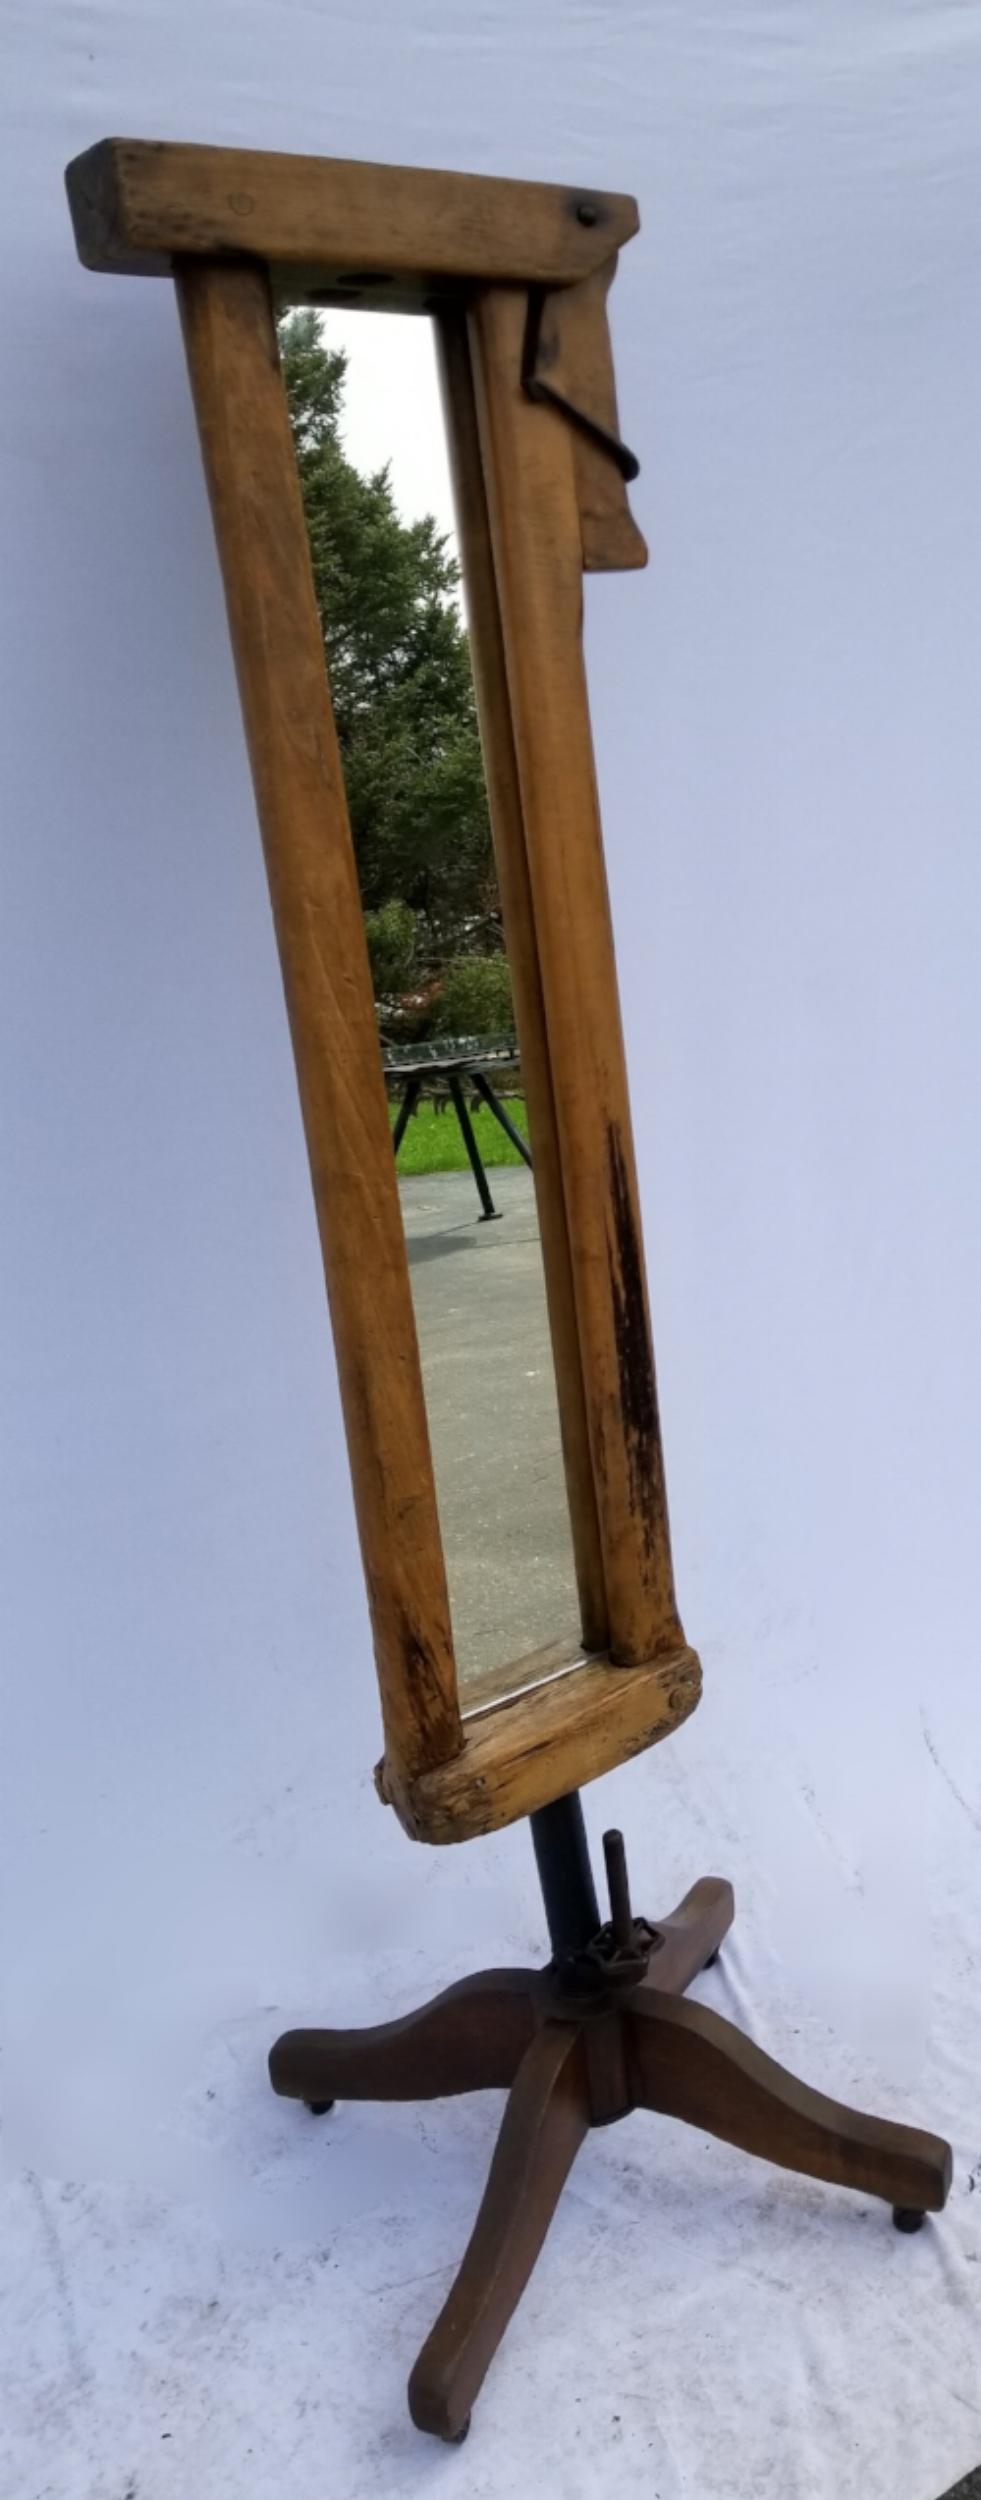 Stanchion Mirror w/Chair Base